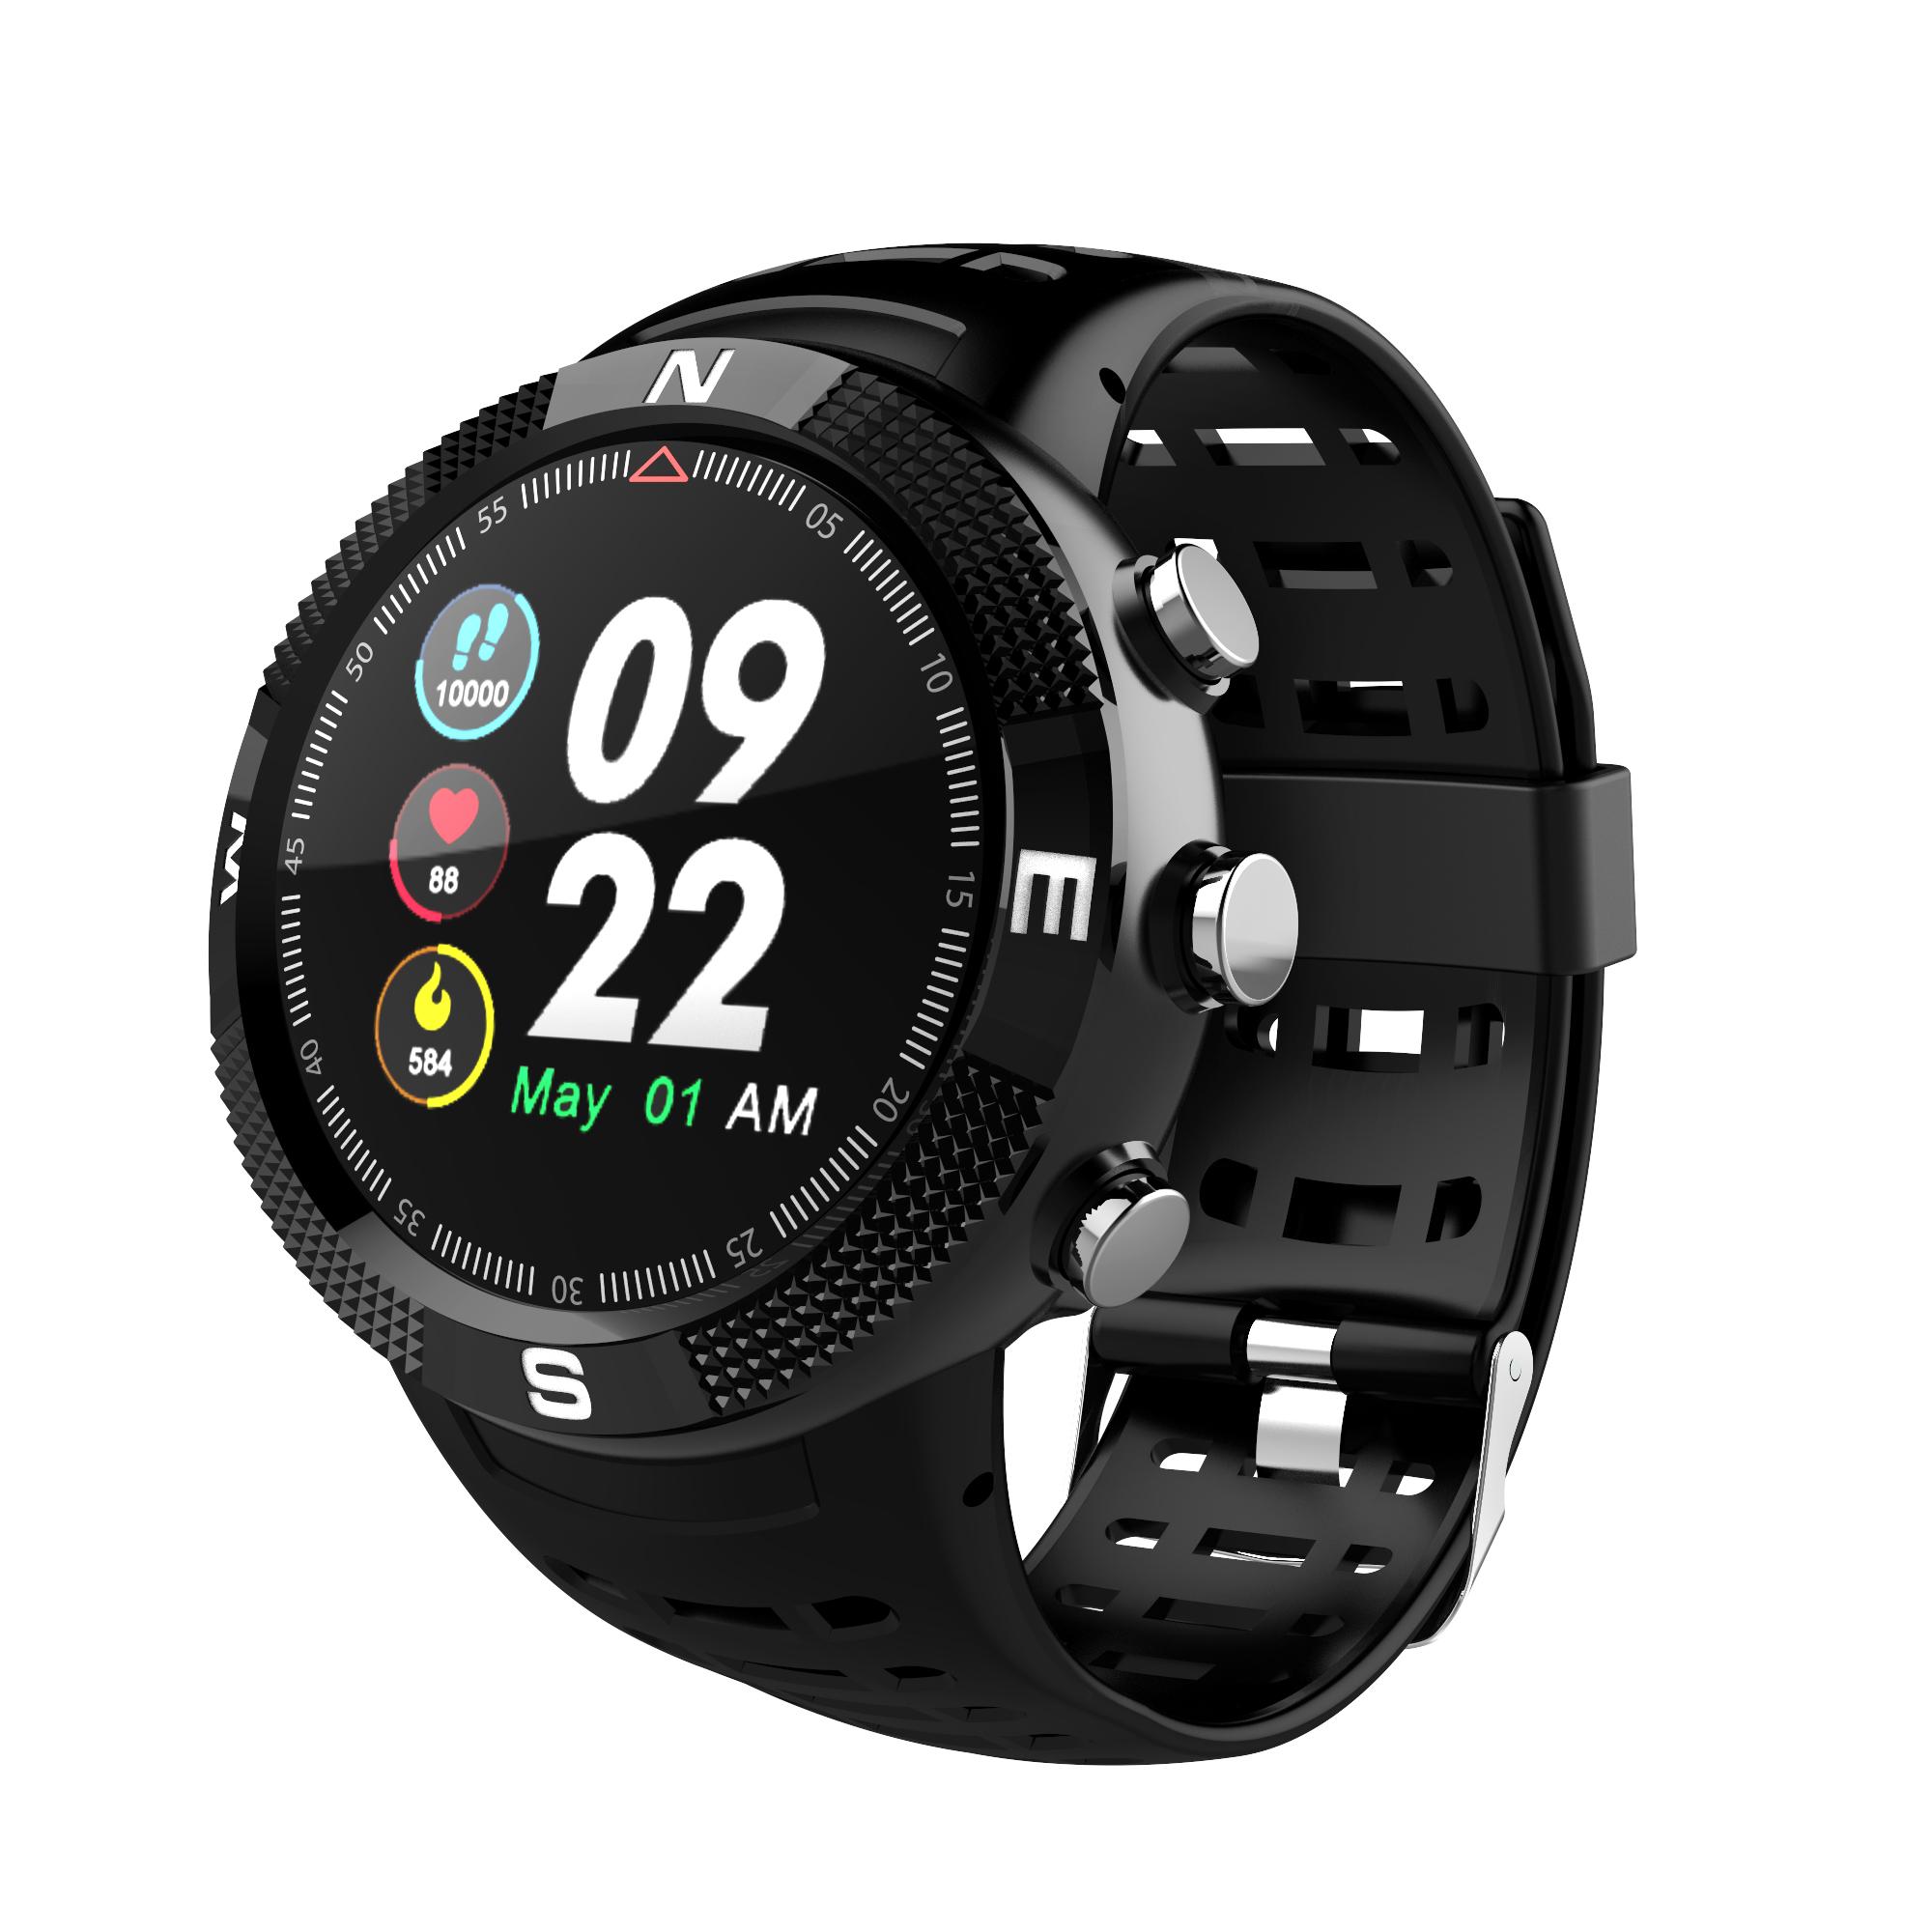 Sports fitness tracker wrist watch waterproof smart watch GPS smartwatch elder smartwatch health monitor wrist band фото